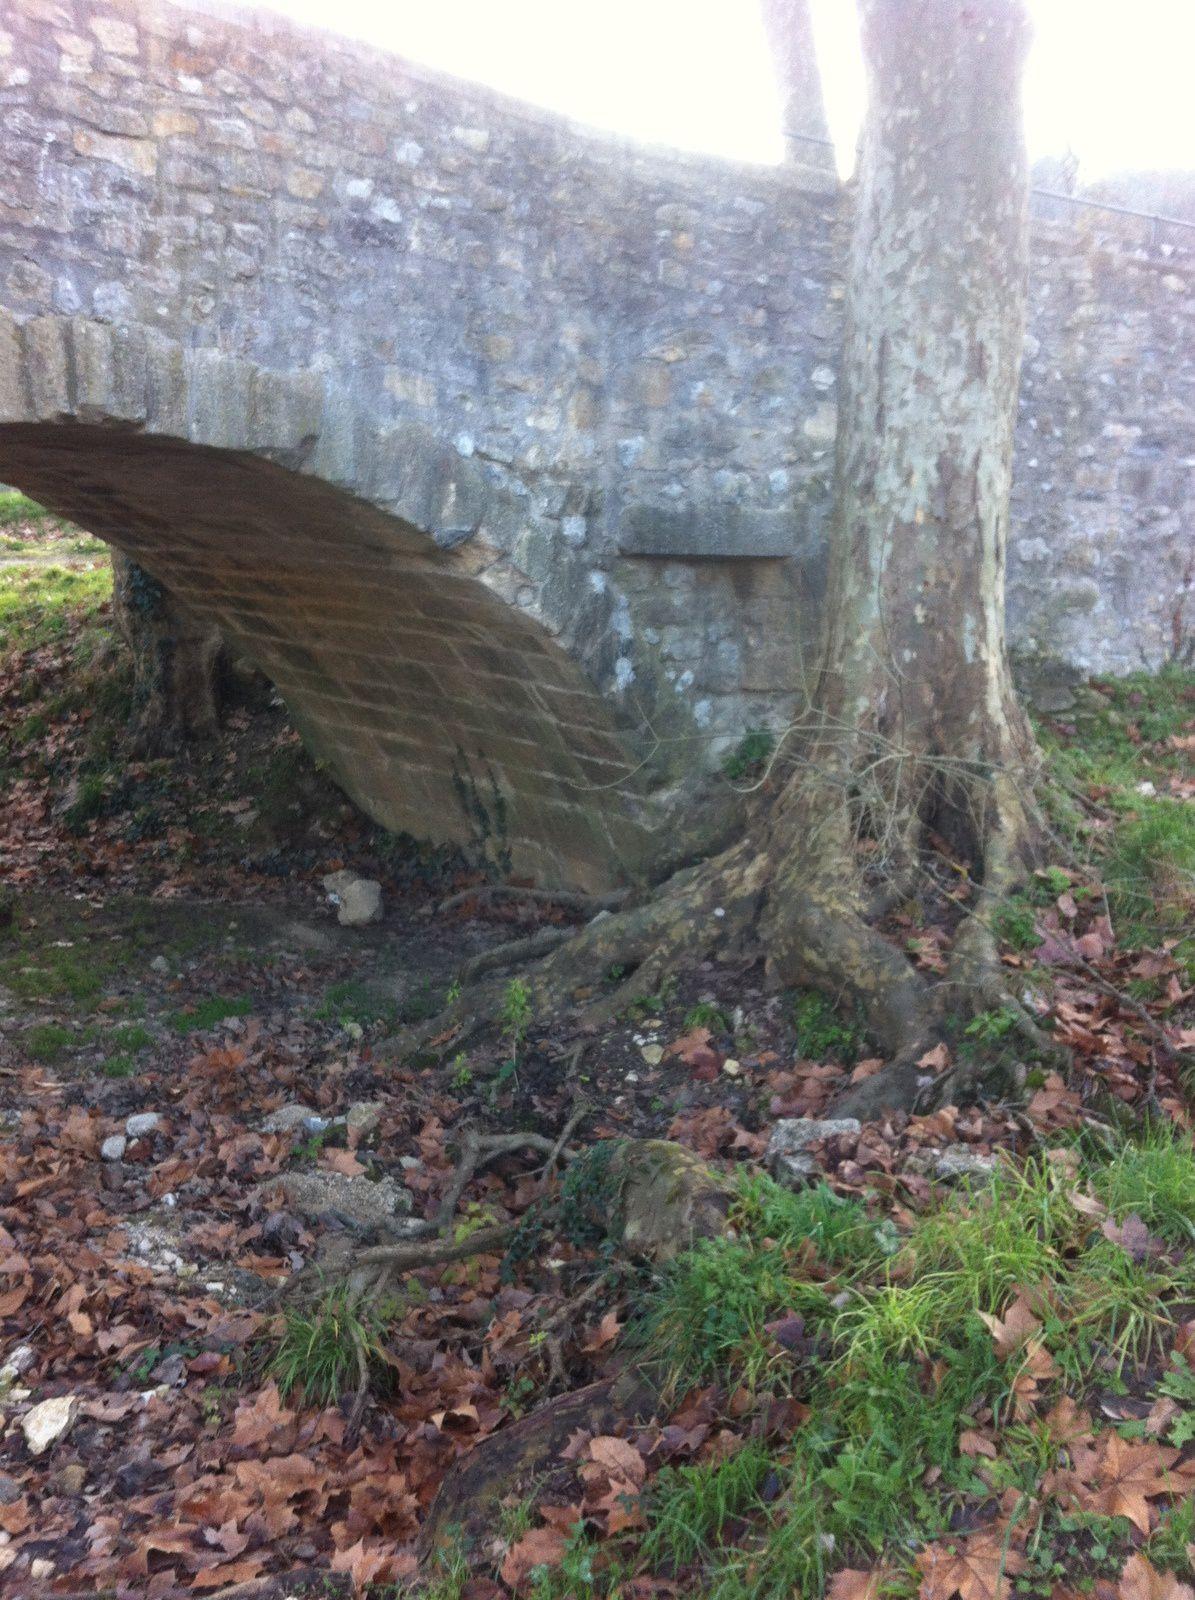 Un pile du pont avec un visiteur envahissant...Il avait échappé aux bombardements, mais pas à la crue de la Cèze en 2002 ni à un chauffeur de poids lourd peu scrupuleux en 2003. Le pont Charles-Martel était depuis sérieusement endommagé au niveau des parapets.